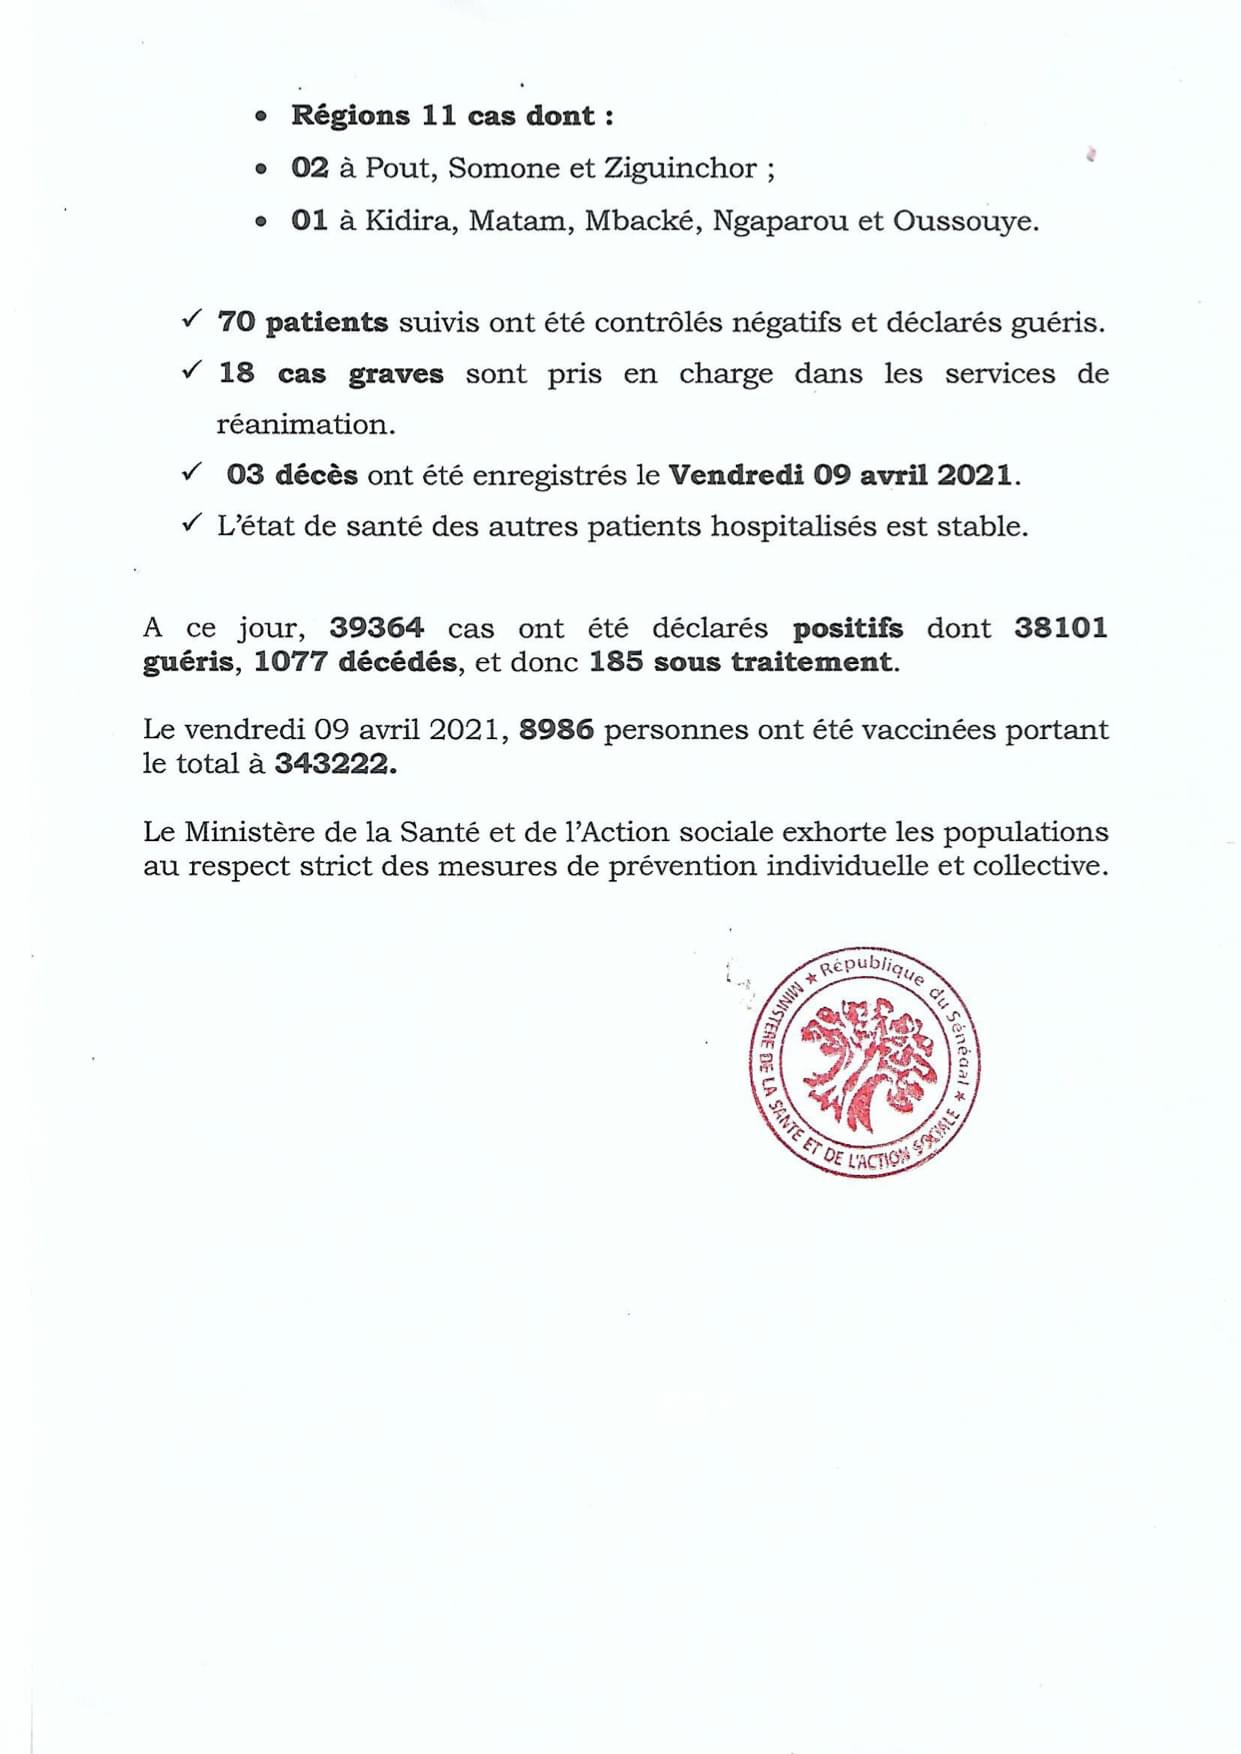 SÉNÉGAL : 57 nouveaux cas testés positifs au coronavirus, 70 nouveaux guéris, 3 nouveaux décès et 18 cas graves en réanimation.